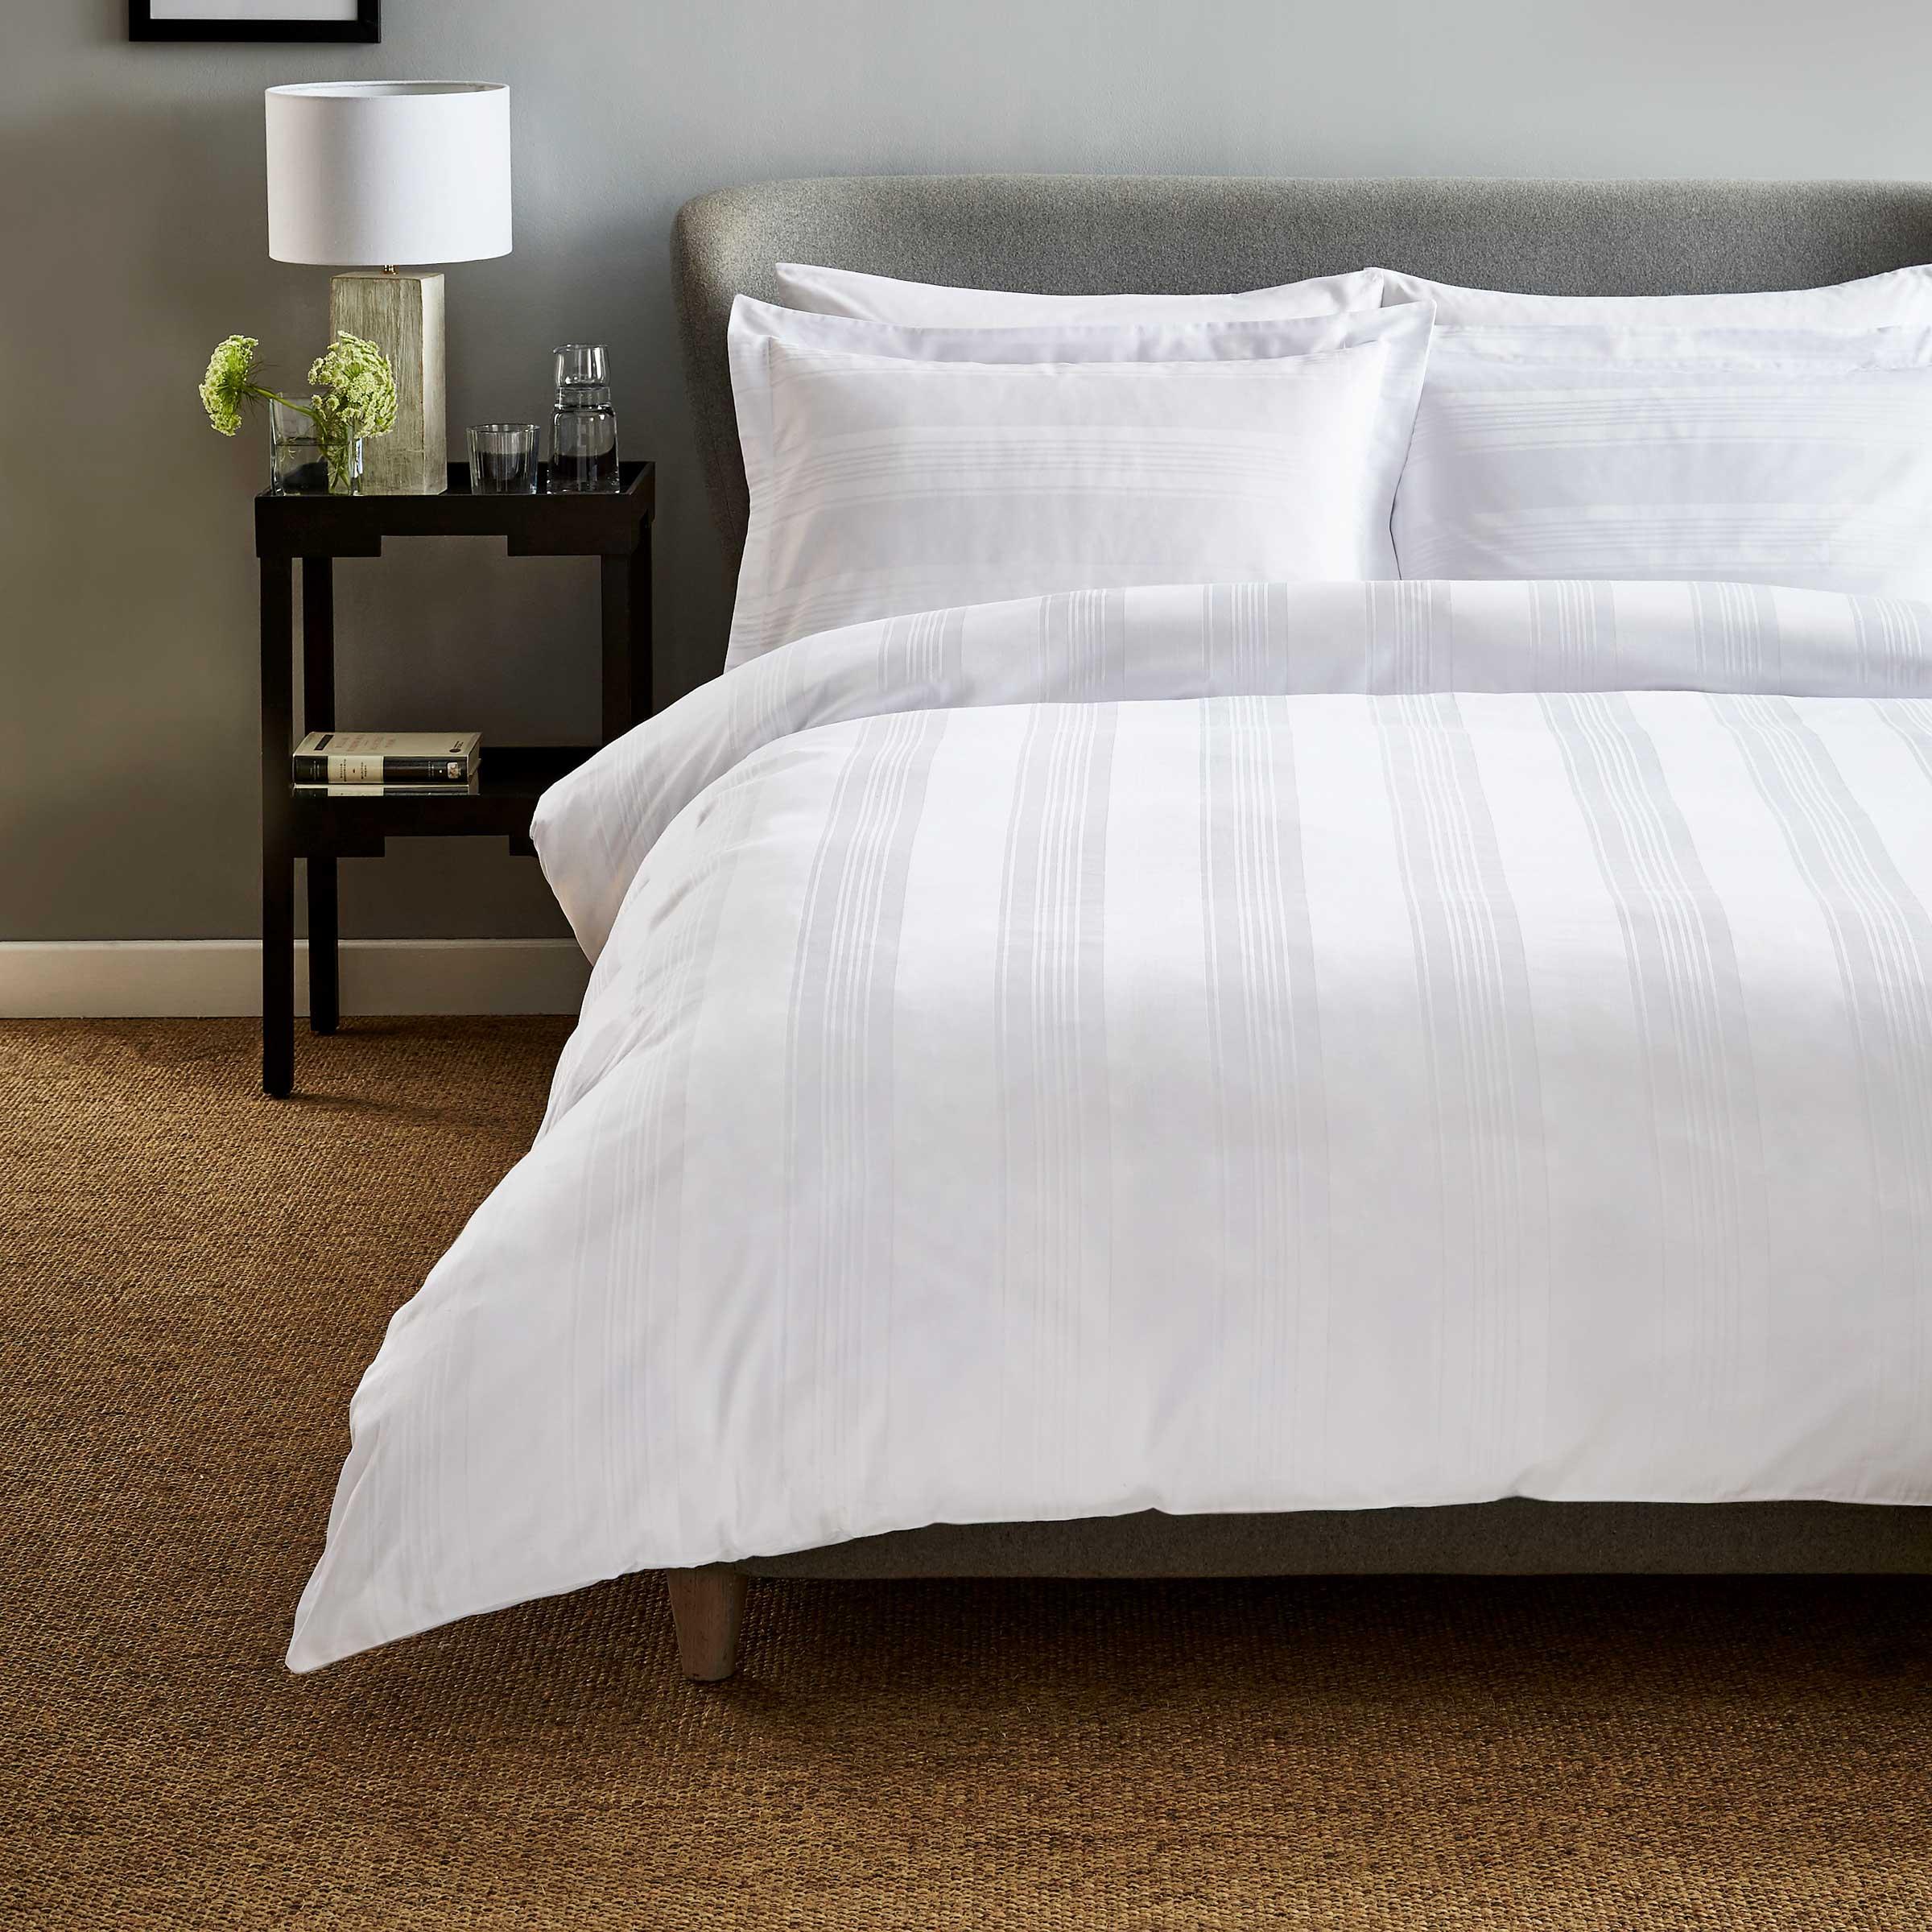 Hotel Bedding Empire Super Kingsize Duvet Cover White